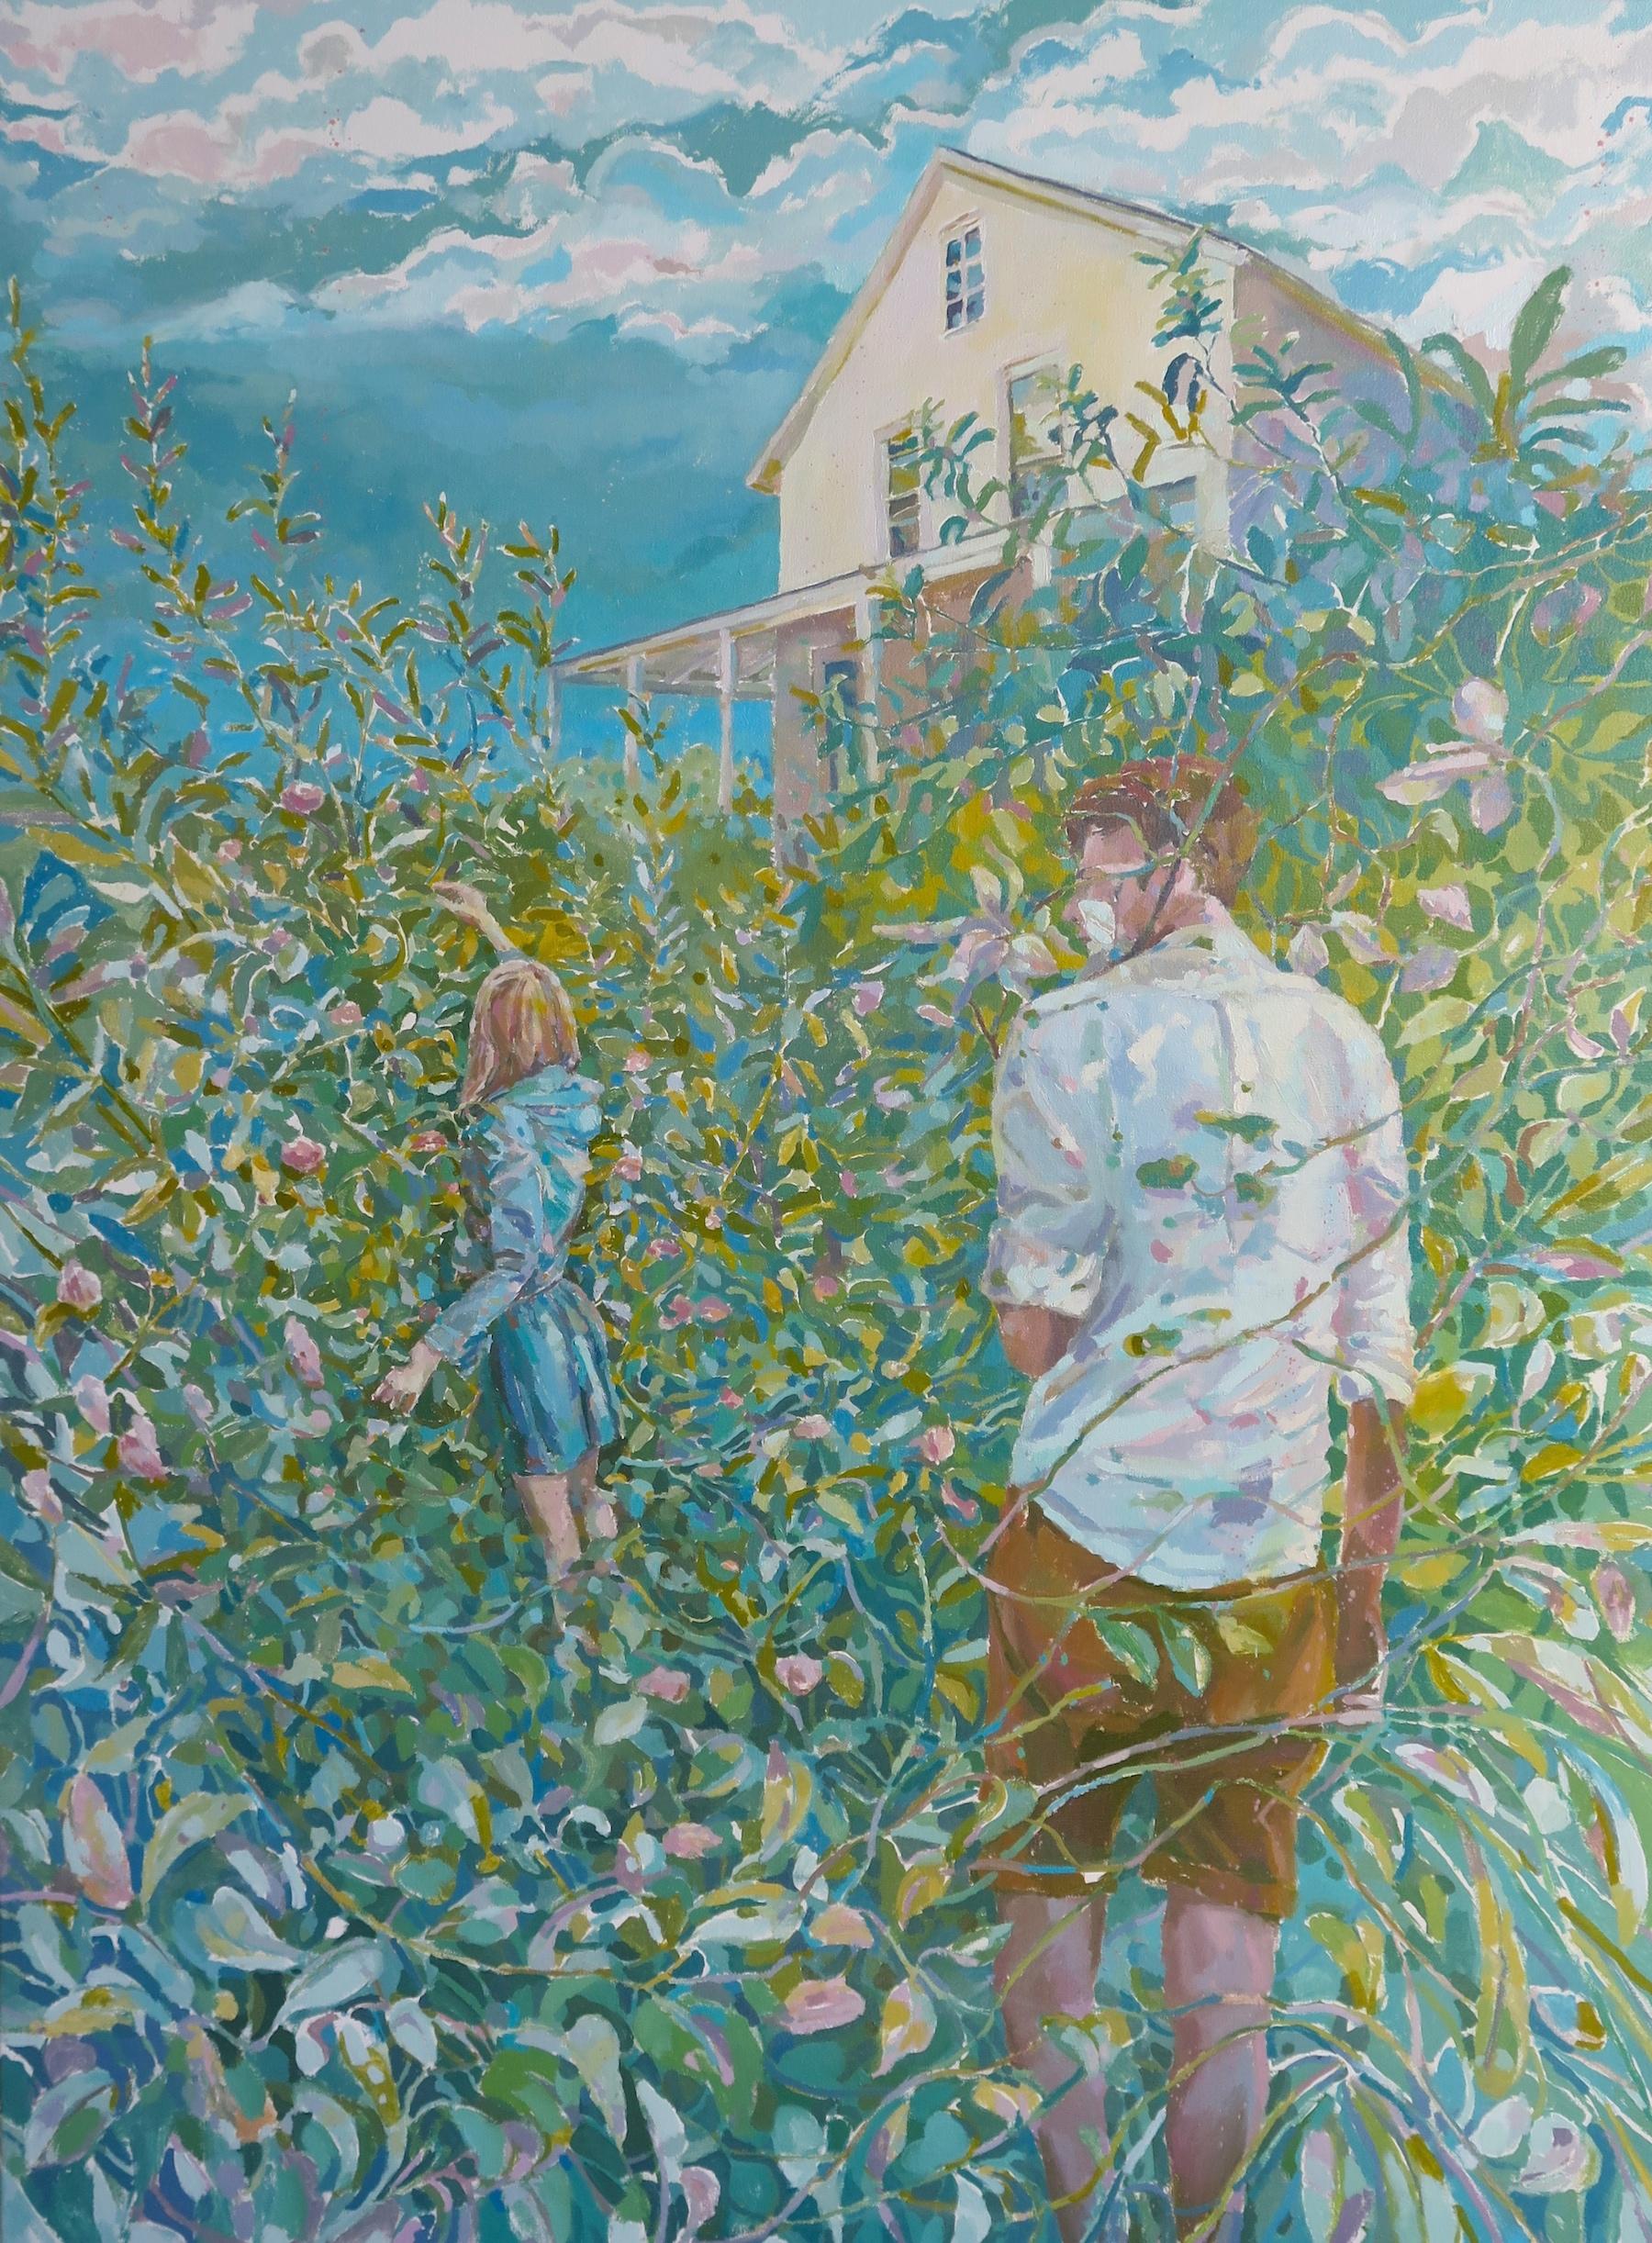 Rob Sparrow Jones, Rosa acicularis, 2016, oil on canvas, 48 x 36 inches